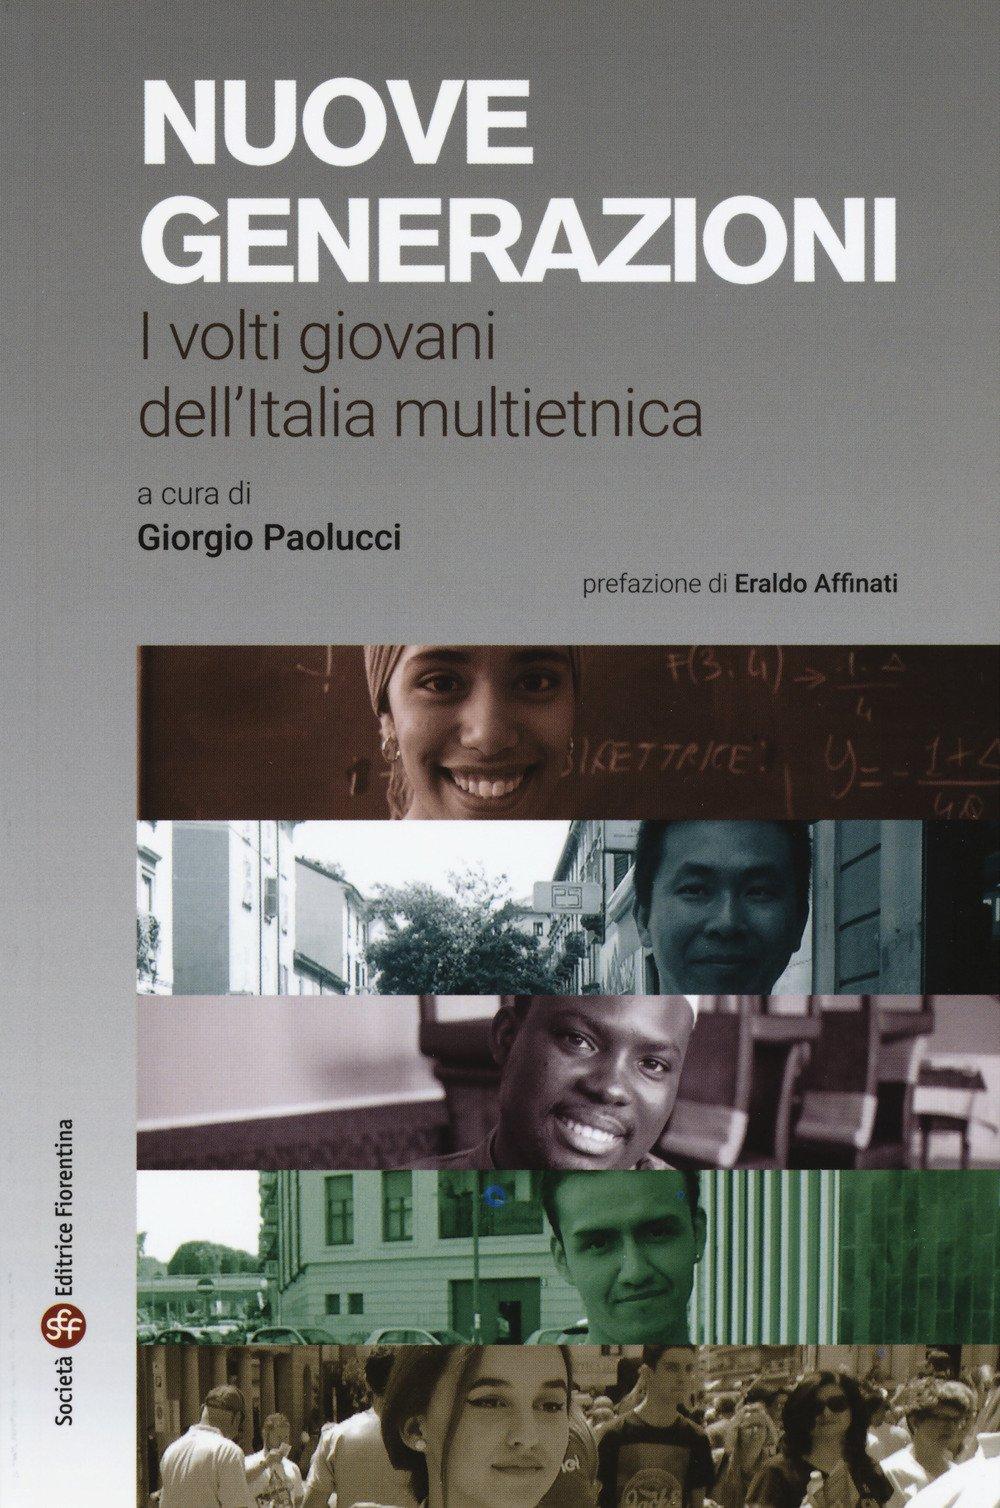 Nuove generazioni. I volti giovani dell'Italia multietnica